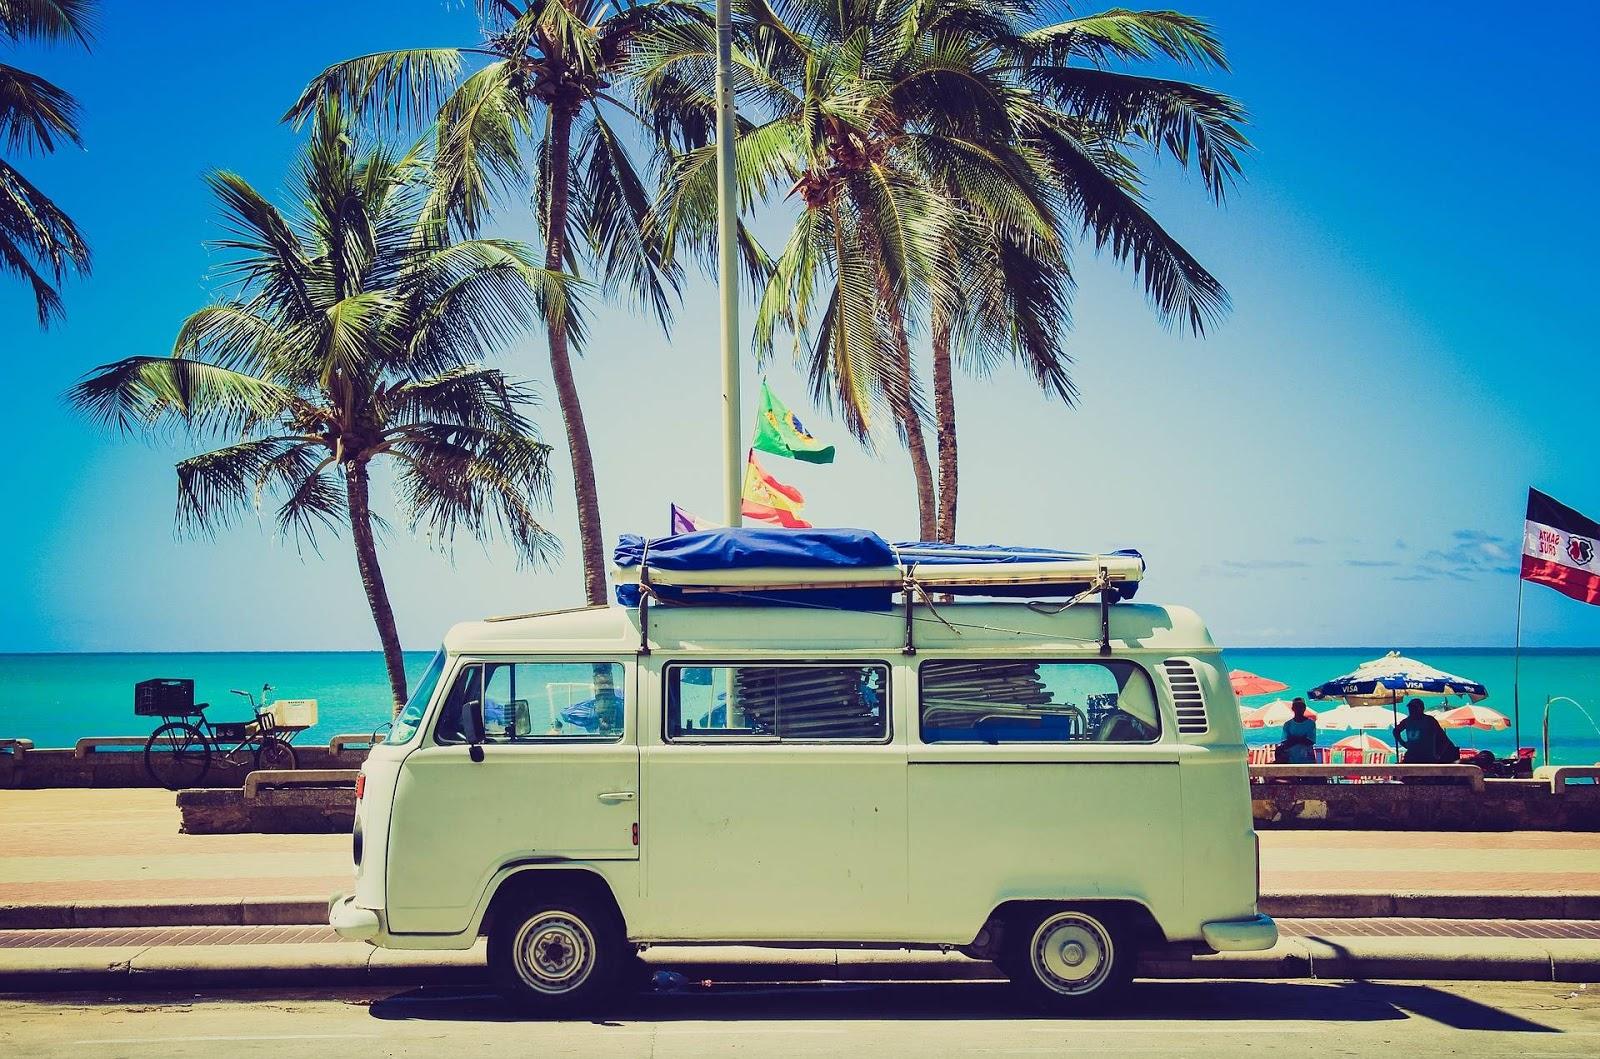 沖繩-交通-租車-自駕-推薦-公司-自由行-旅遊-日本-價錢-比價-省錢-Okinawa-Rental-Car-Japan